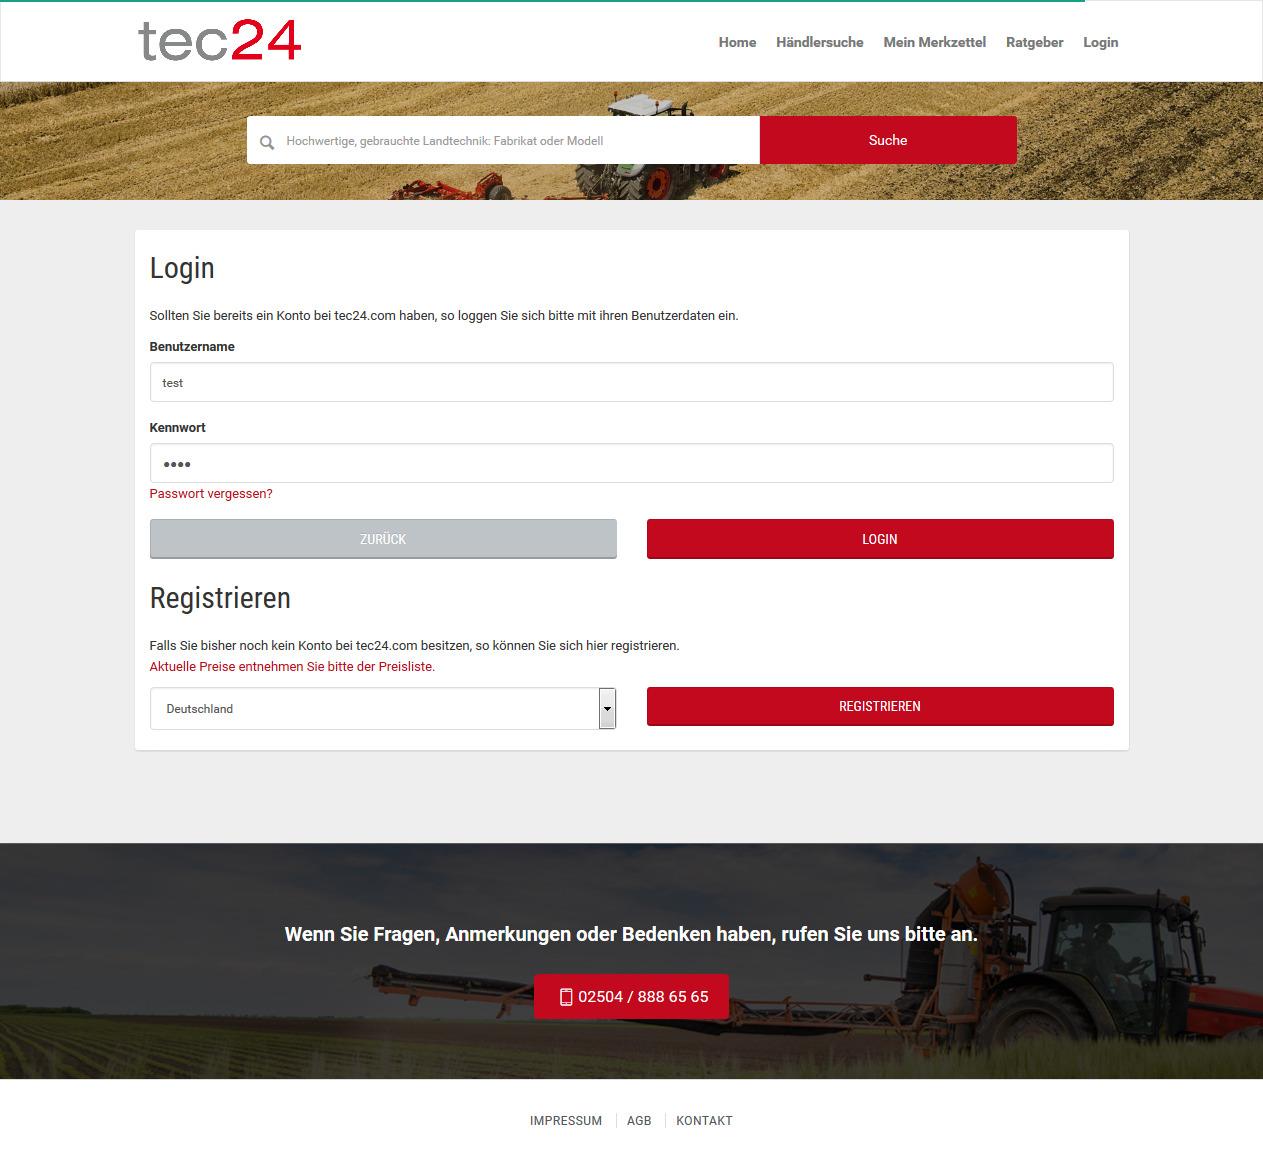 tec24 Kontakteingabe